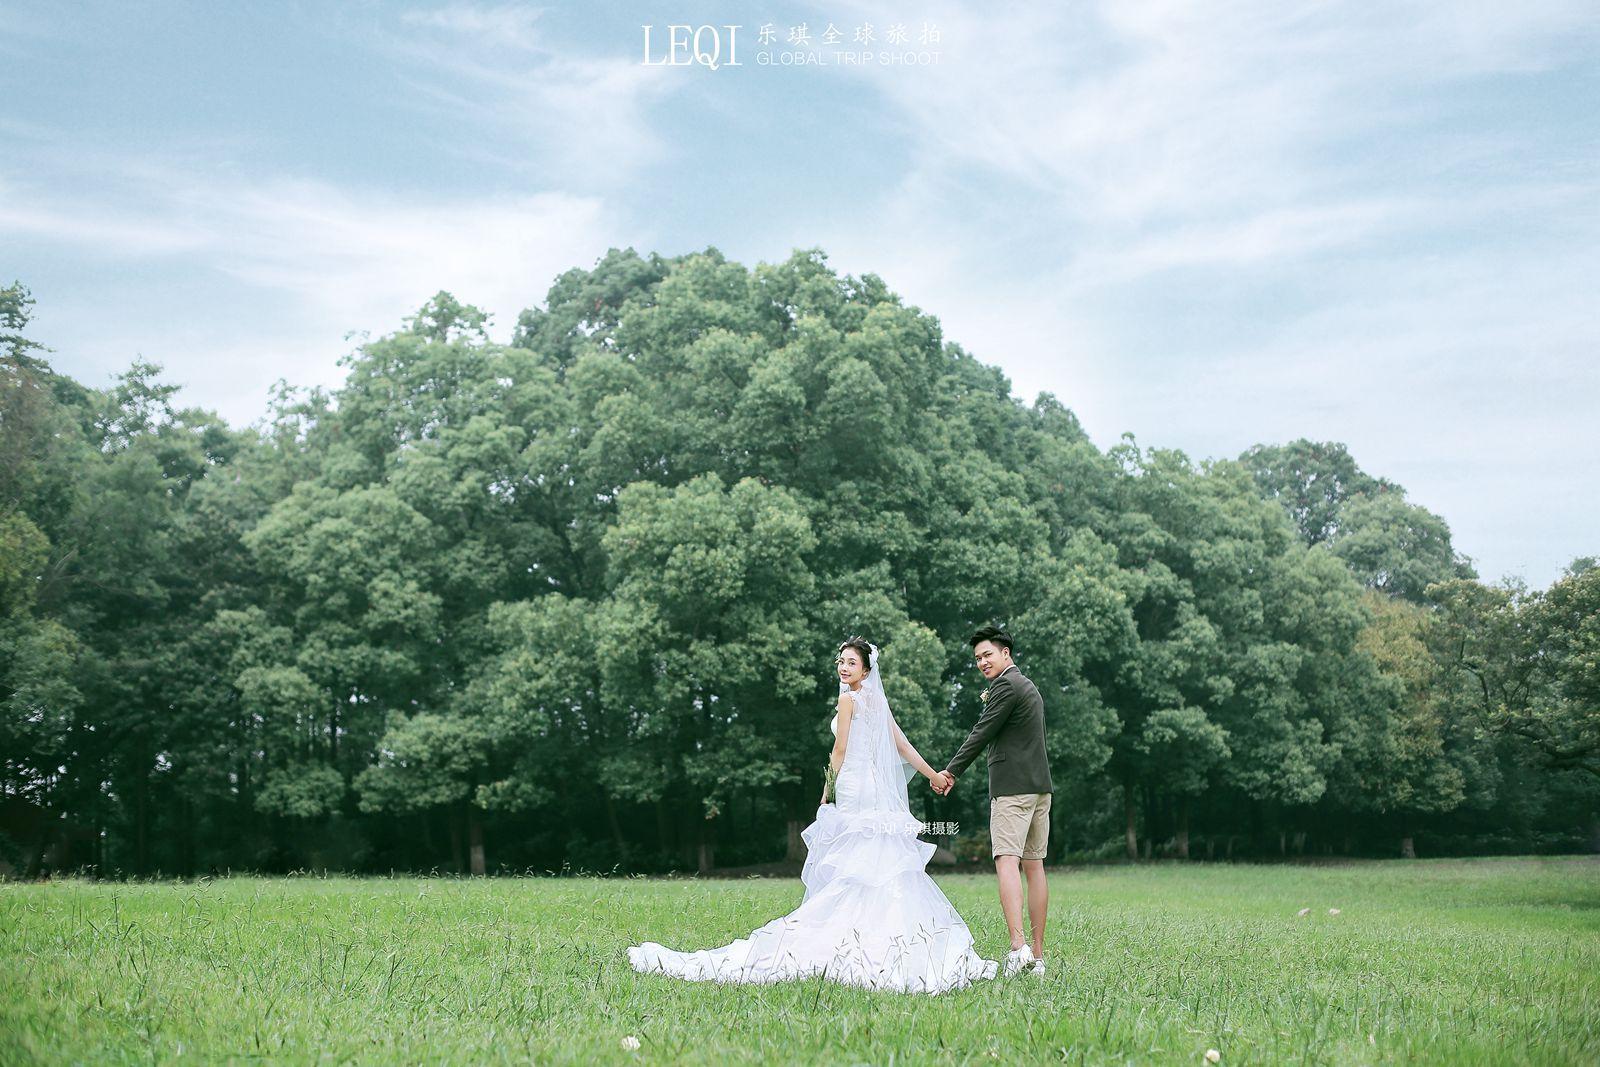 成都摄影排行_成都泸州婚纱摄影店排名三亚云彩旅拍婚纱照排行最受新人旅客欢迎